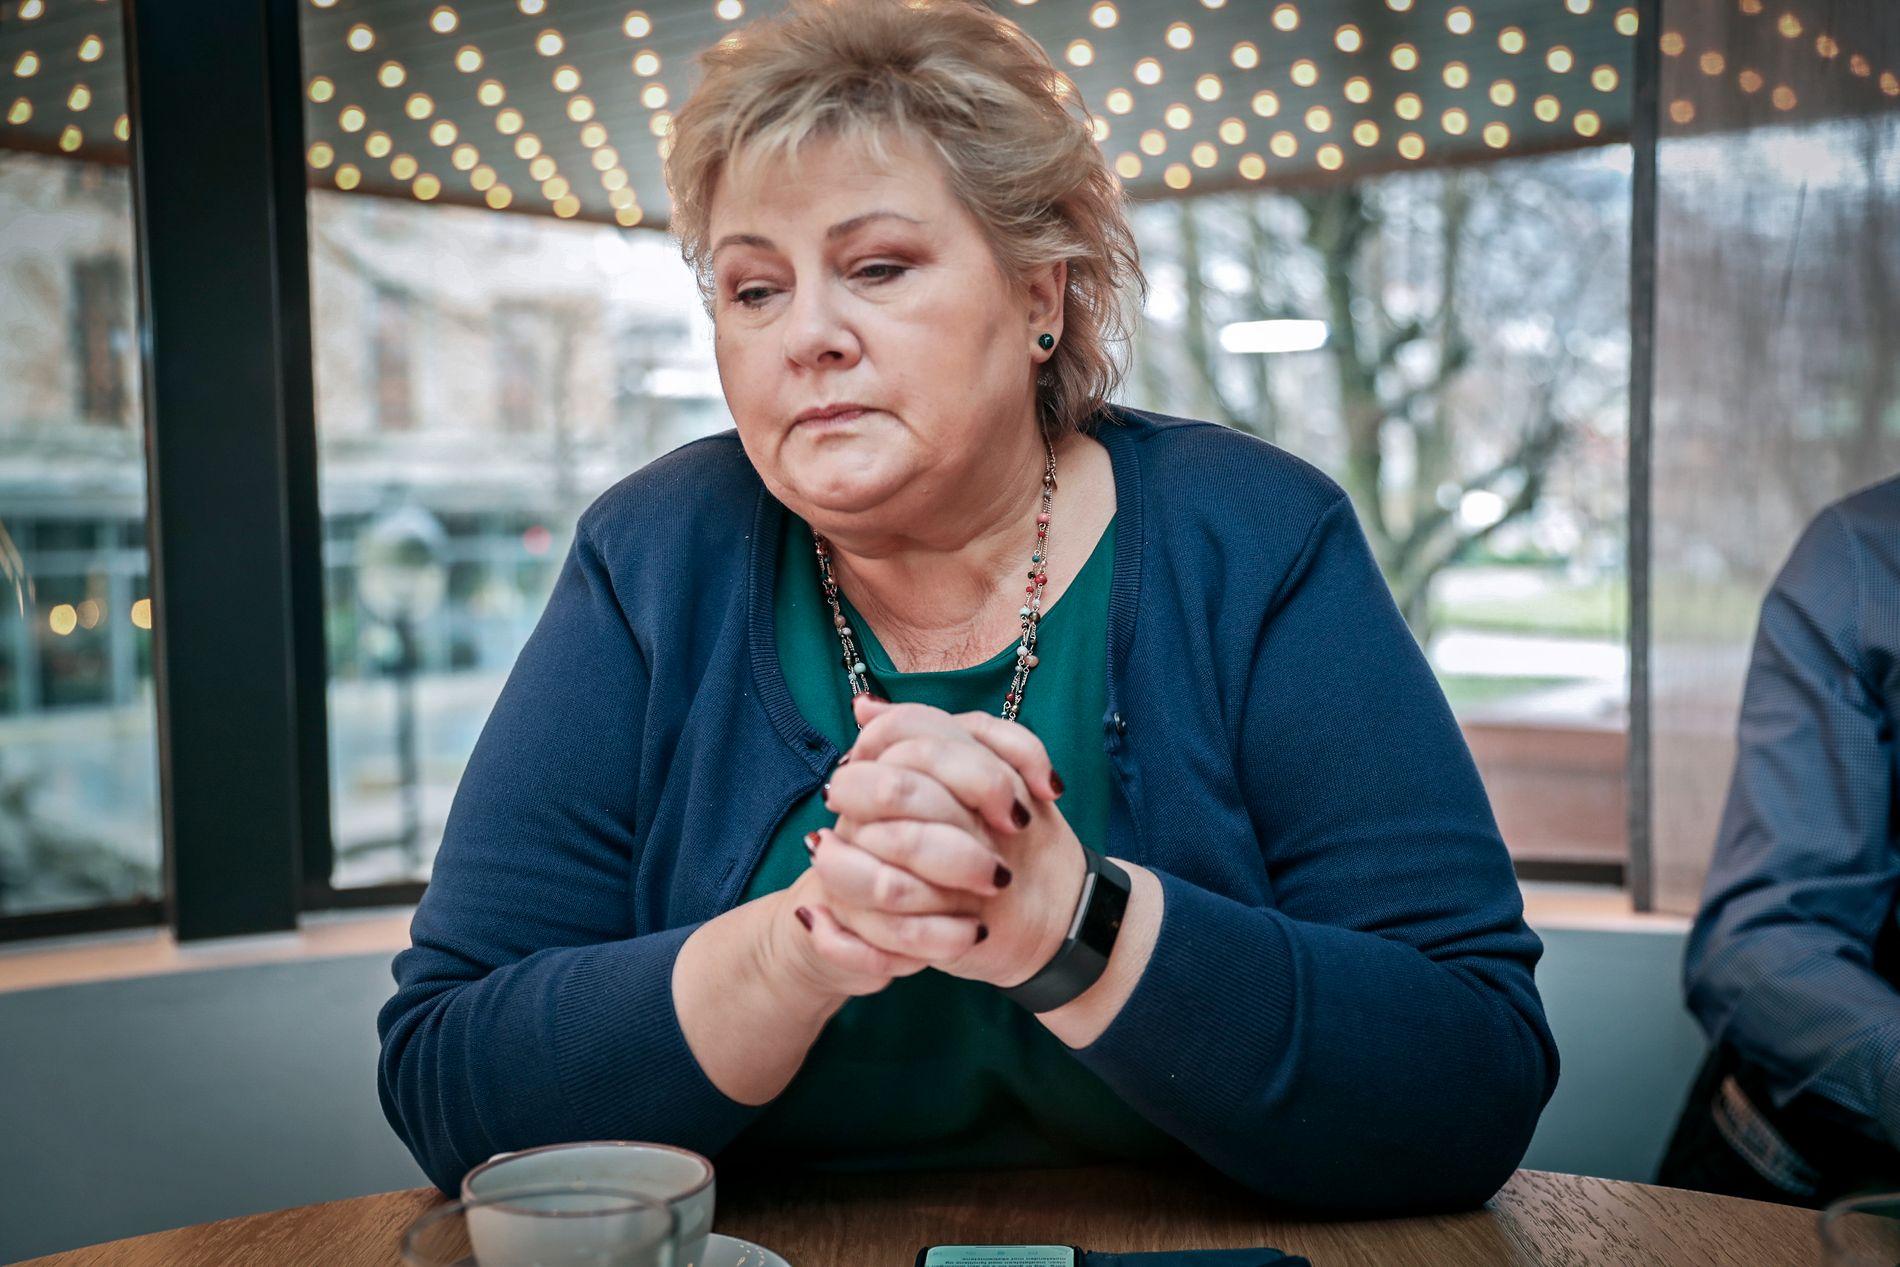 INNSTENDIG BØNN: Statsminister Erna Solberg oppfordrer nordmenn til ikke å laste ned drapsvideoen som angivelig viser drapet på én av de to kvinnene i Marokko.